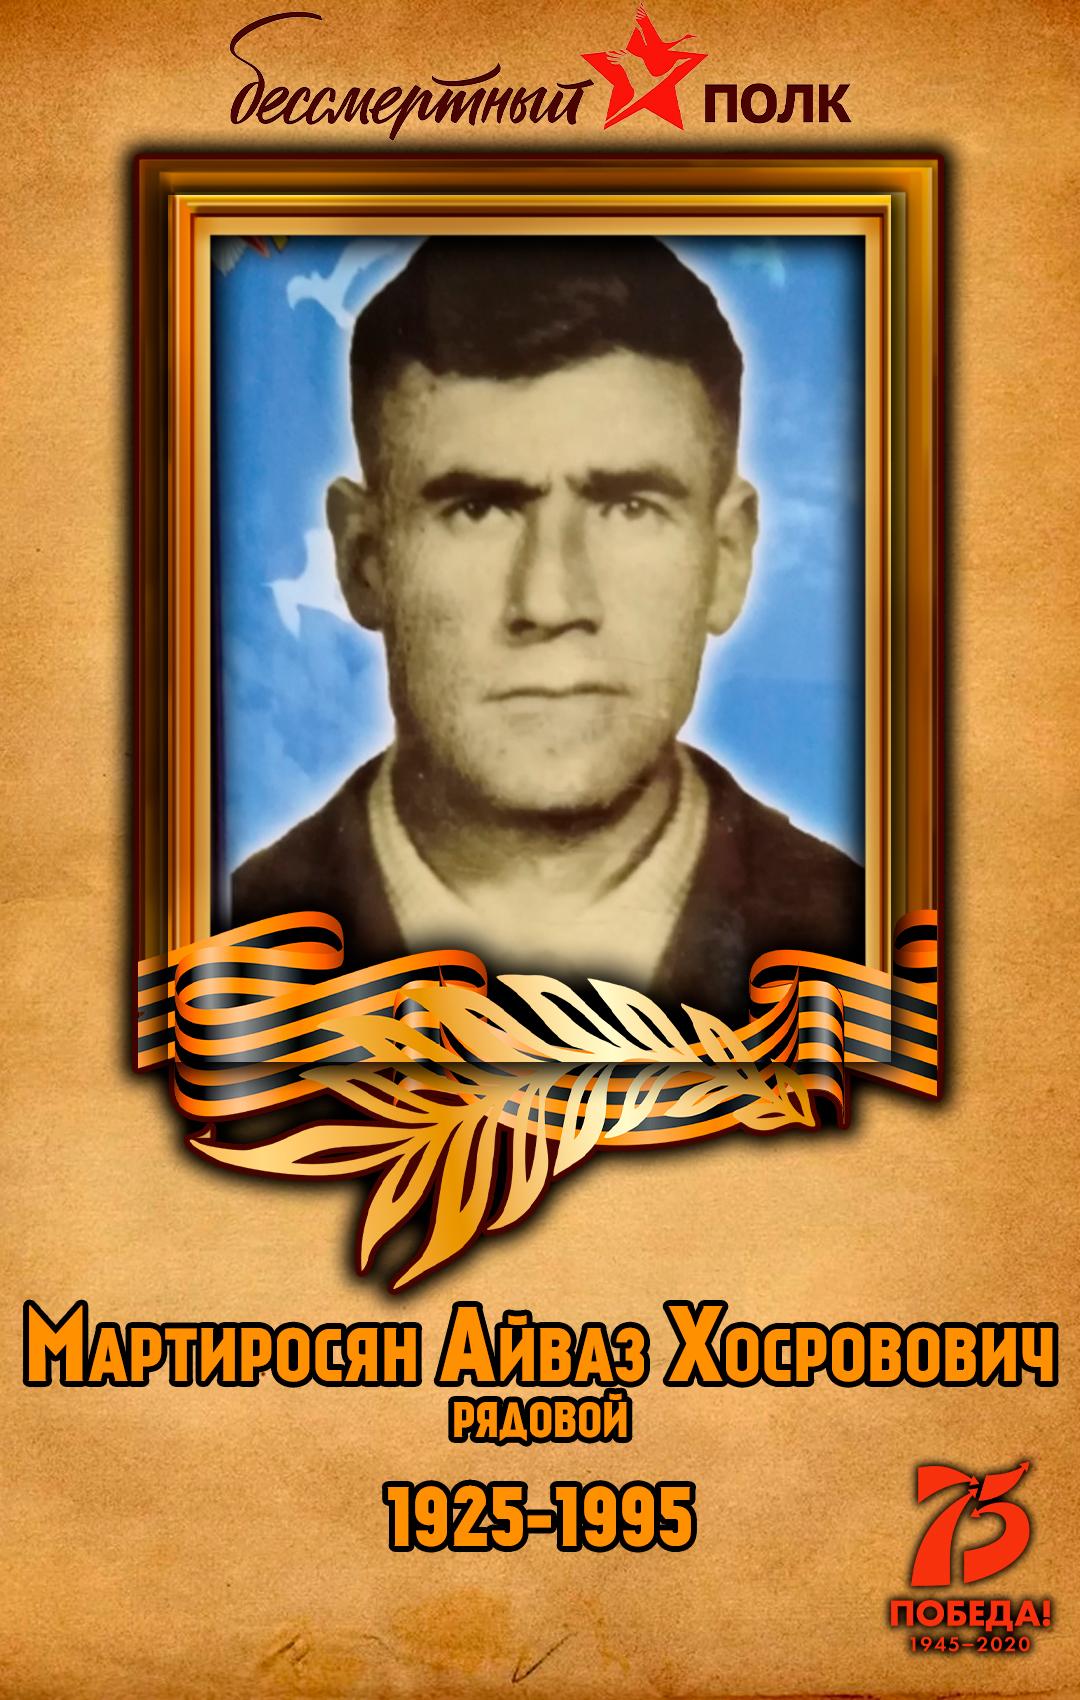 Мартиросян-Айваз-Хосровович